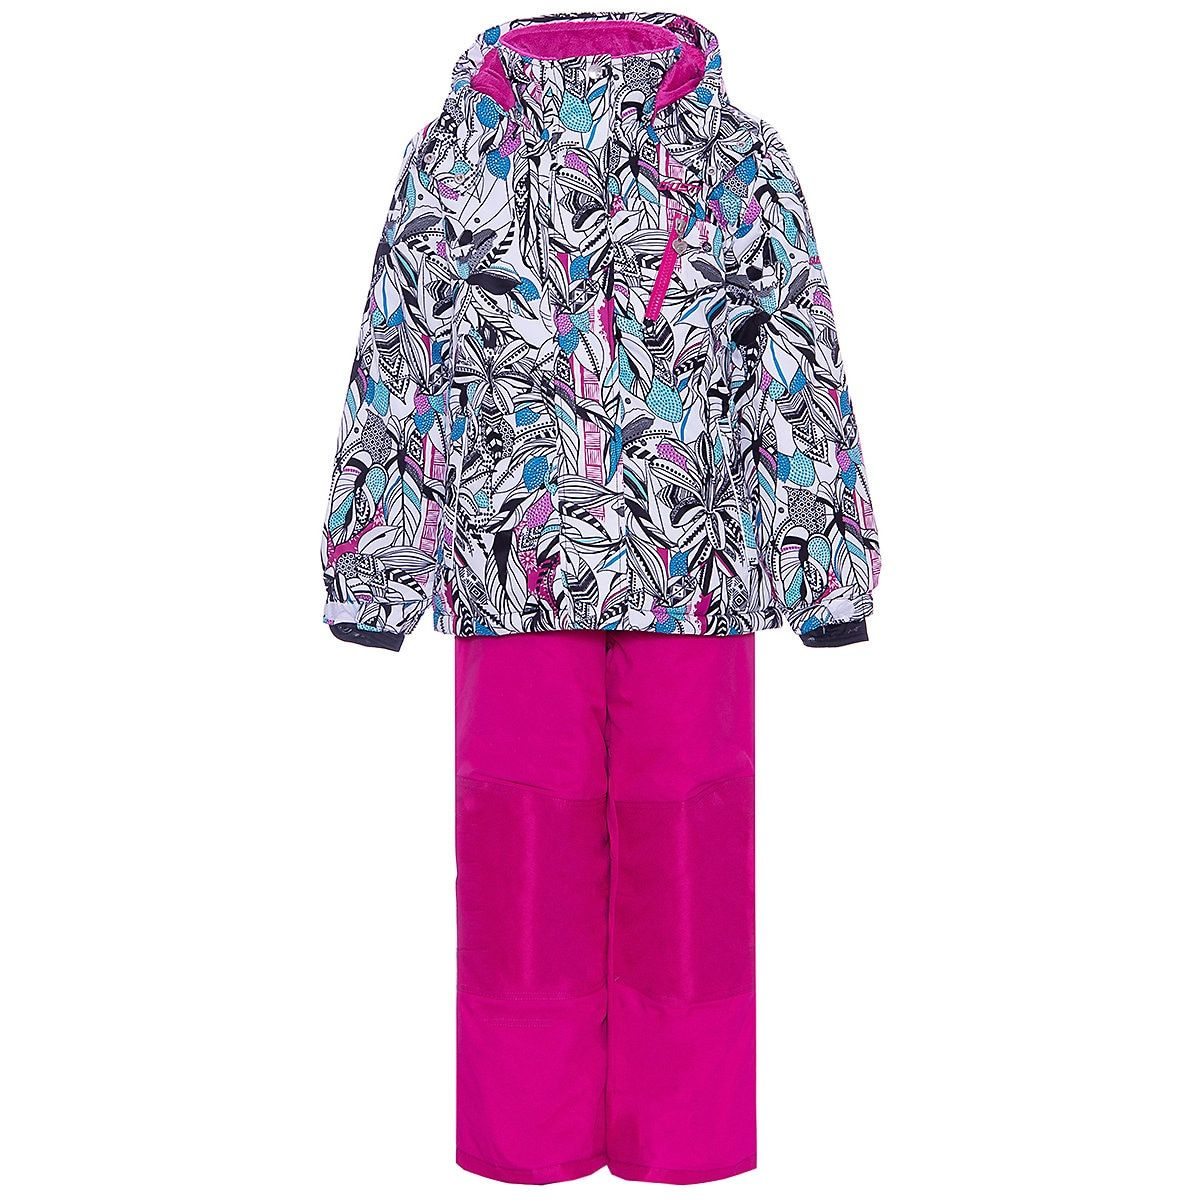 GUSTI Kinder's Sets 9512035 kleidung für mädchen set kleid winter kleidung mädchen kinder tragen MTpromo